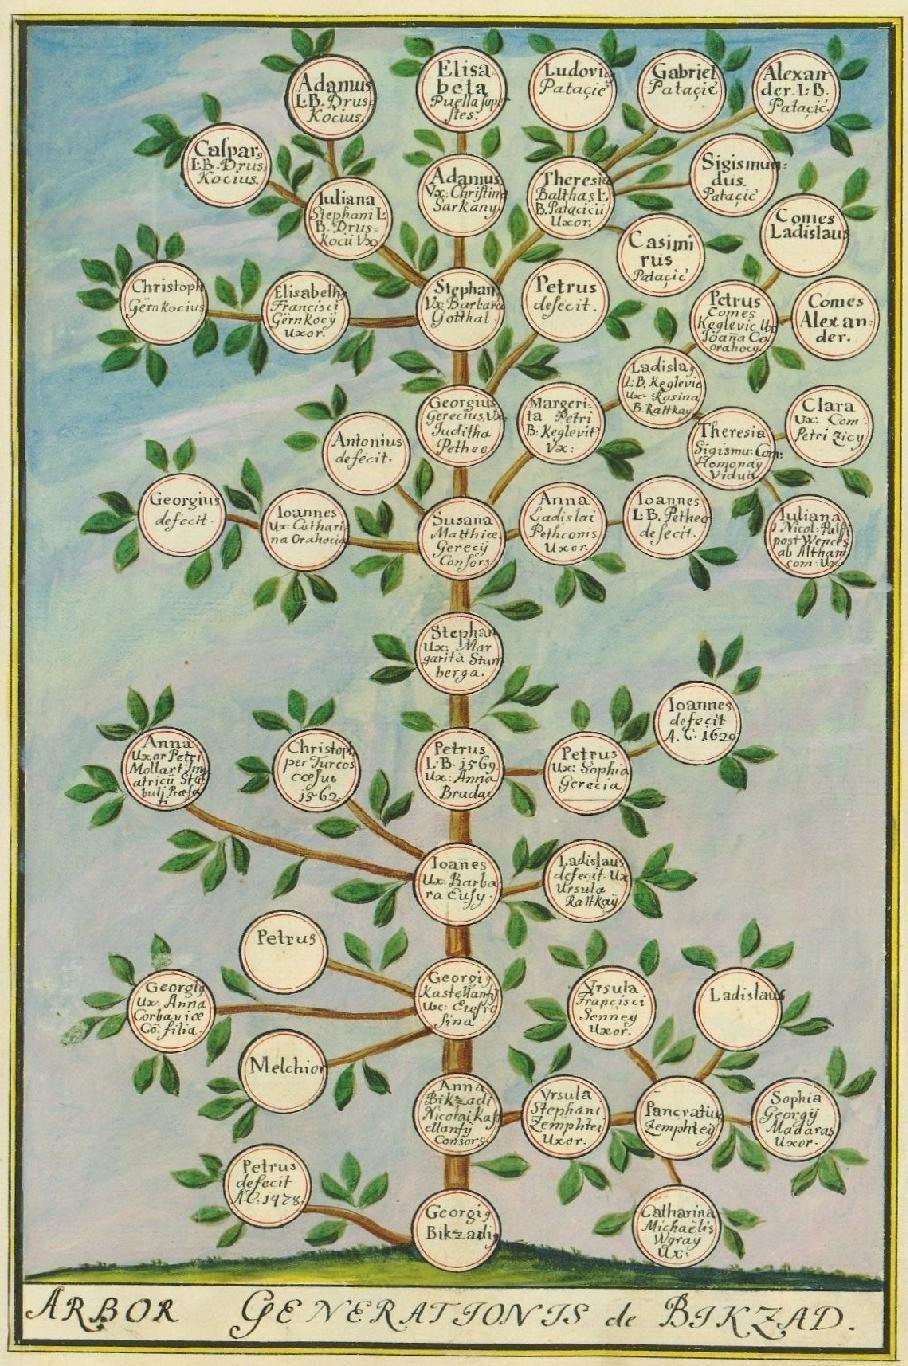 Aleksandar Patacic Patachich 1740 Status Familiae Patachich Sive Notitia Illius Universalis Honorifica Aeque Ac Utilis E Prints Family Tree Illustration